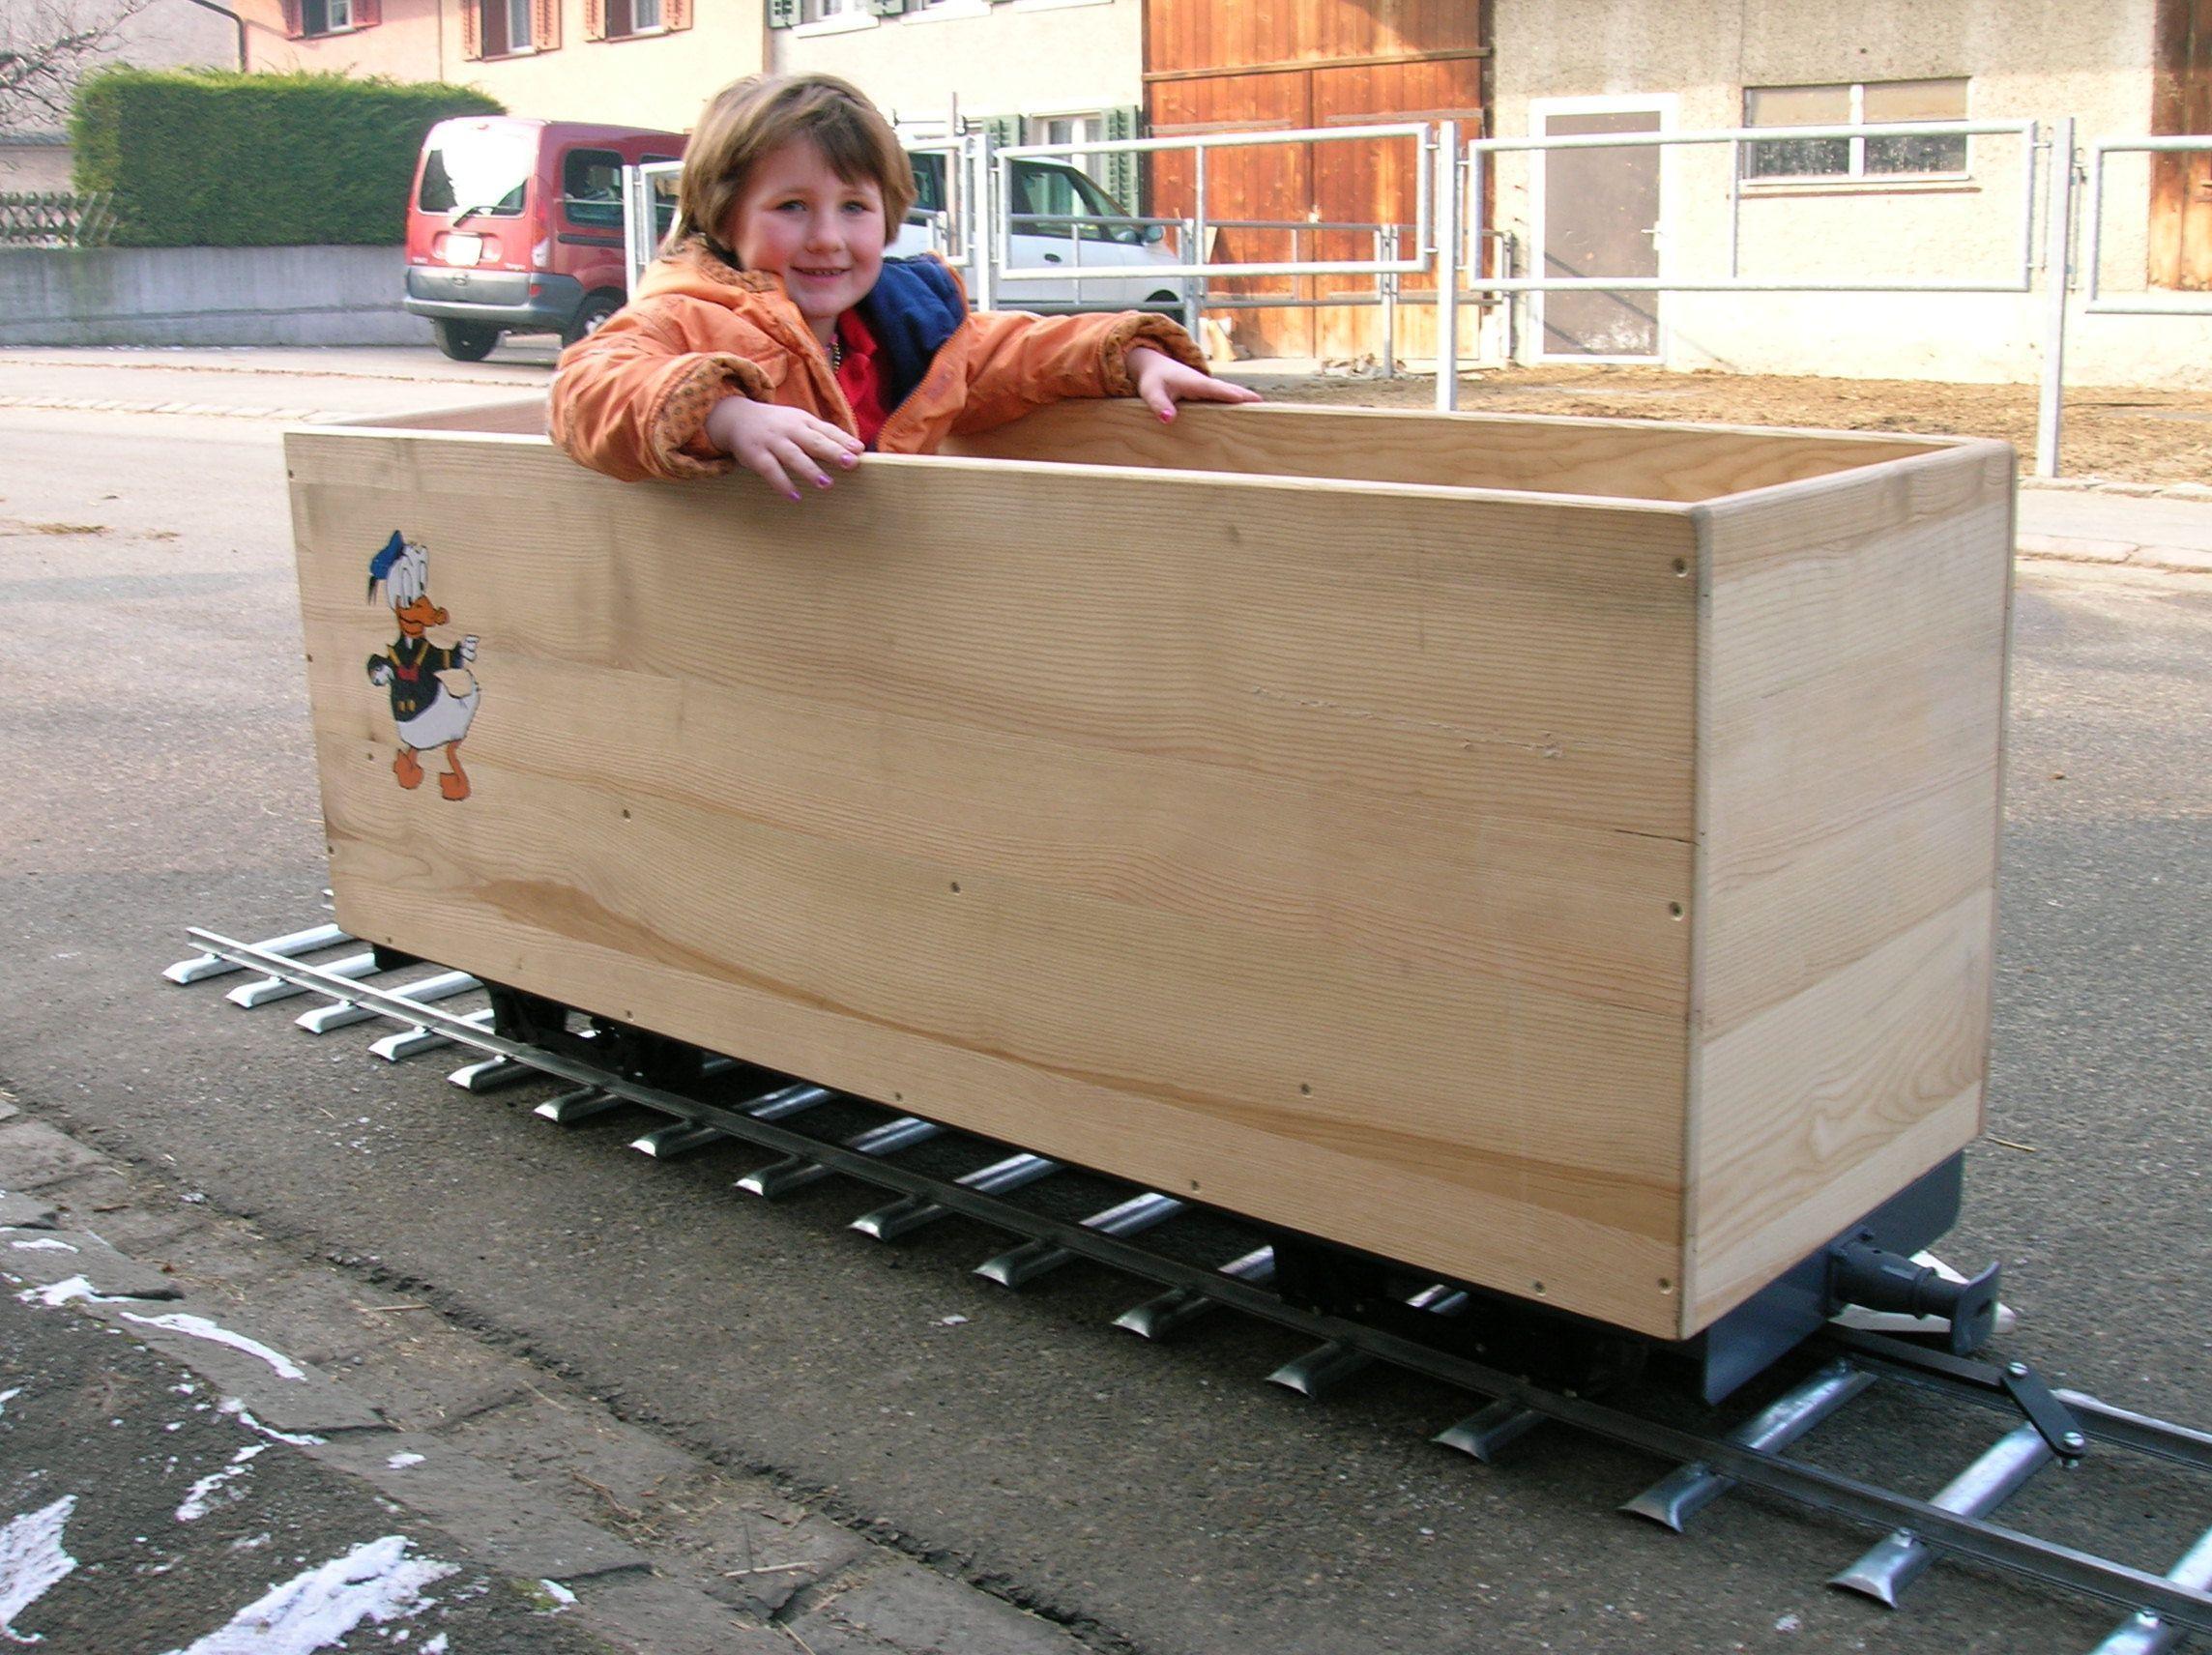 dampfbahn reutlingen ch gartenbahn reutlingen bahnanlage reutlingen maler. Black Bedroom Furniture Sets. Home Design Ideas